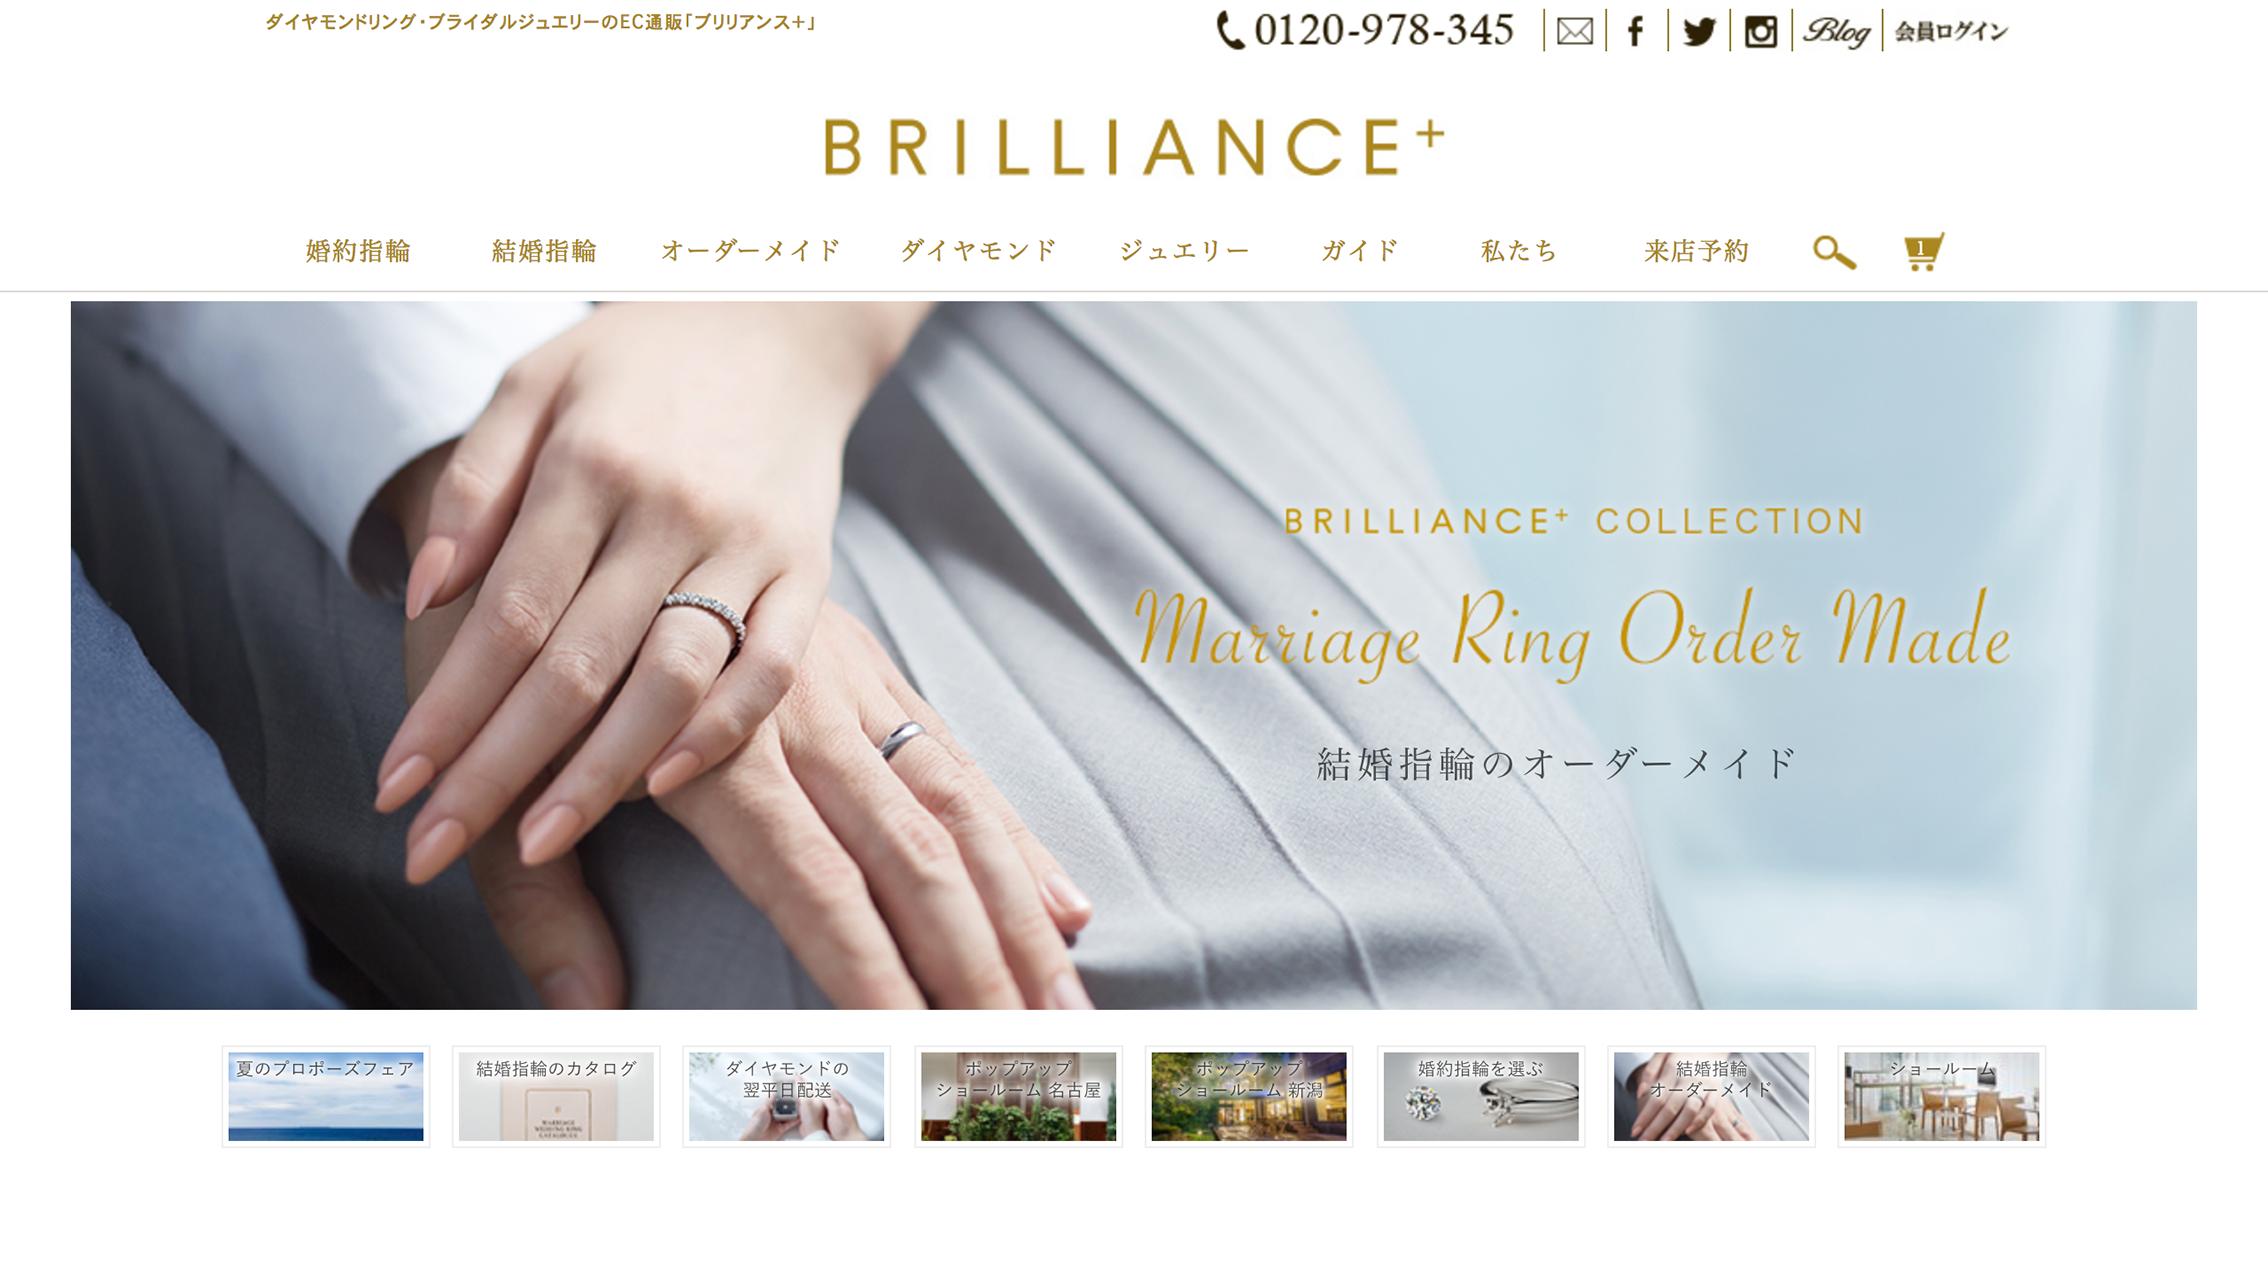 ブリリアンスプラス ホームページ